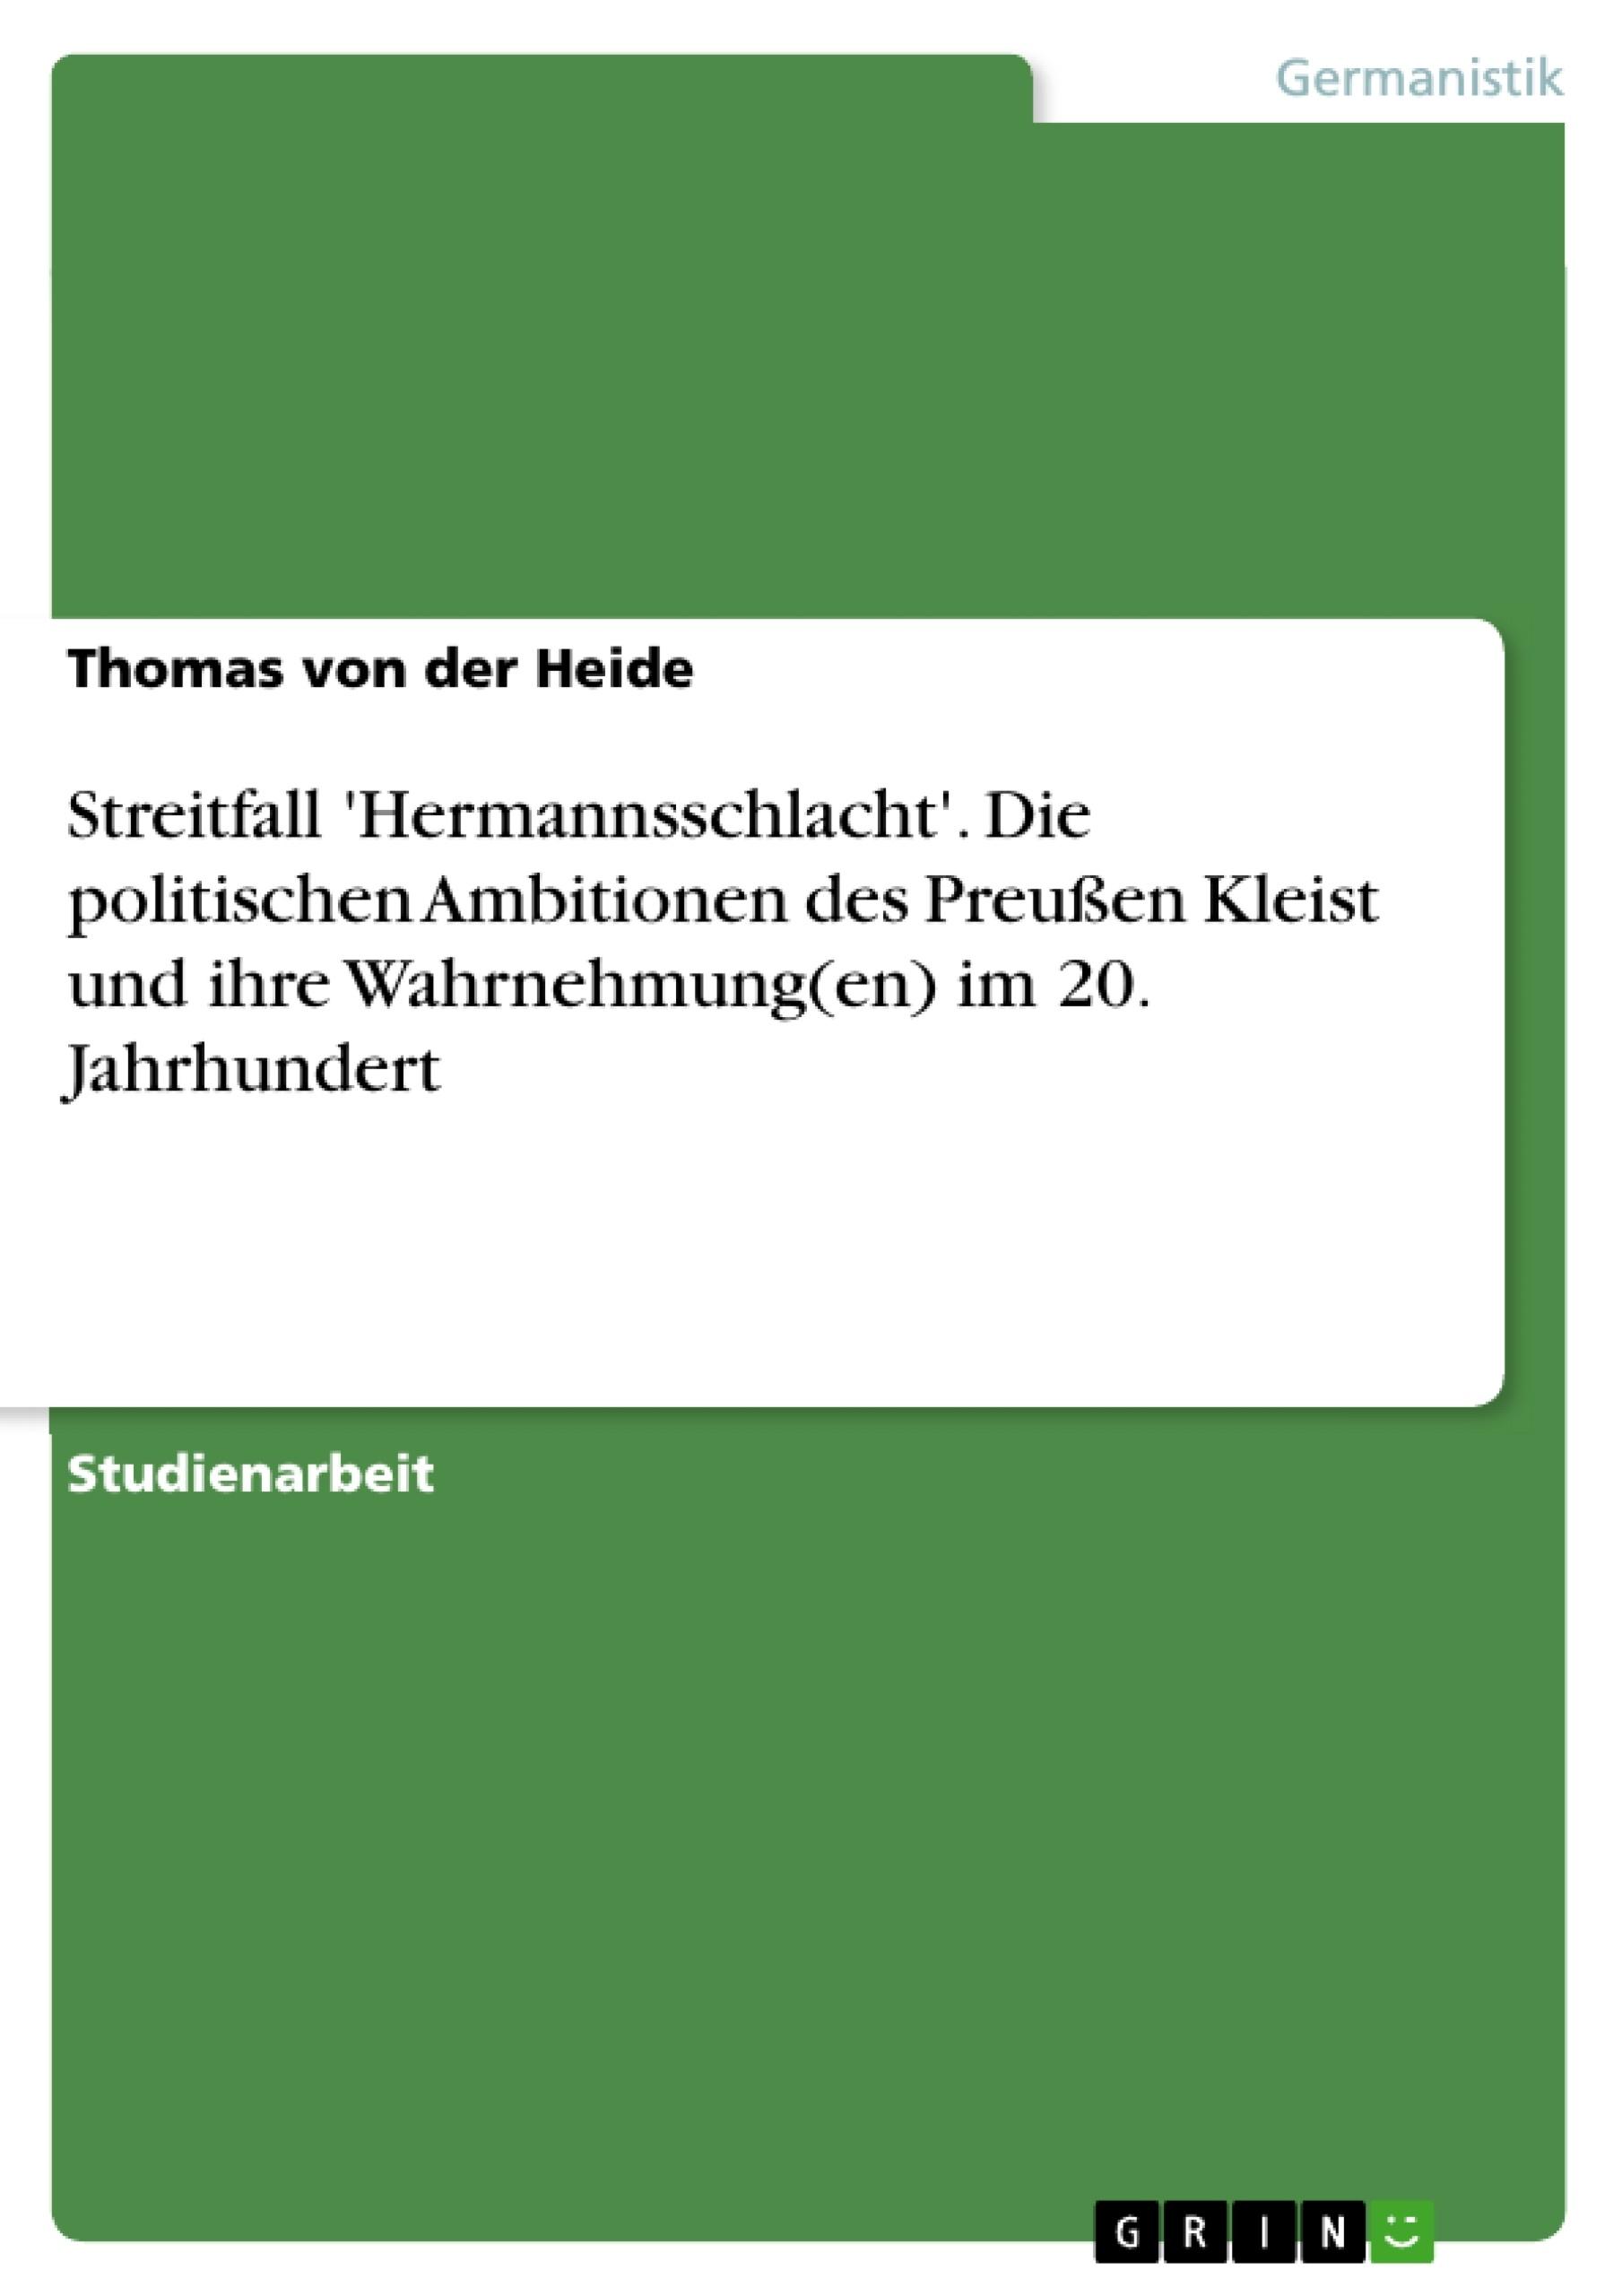 Titel: Streitfall 'Hermannsschlacht'. Die politischen Ambitionen des Preußen Kleist und ihre Wahrnehmung(en) im 20. Jahrhundert